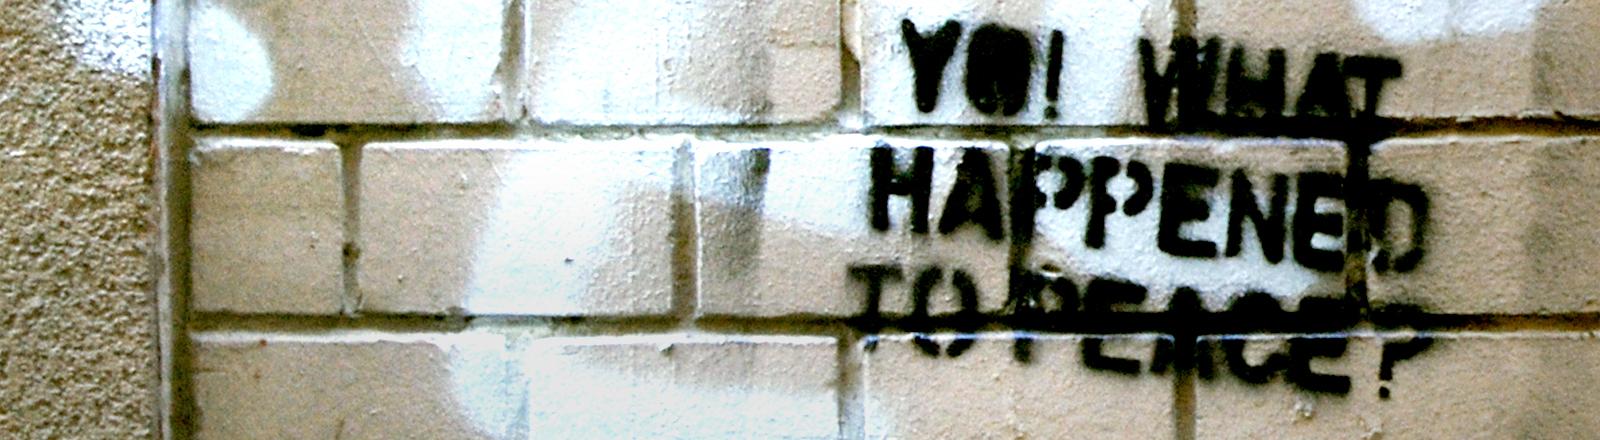 """Ein Graffiti mit dem Spruch """"Was ist mit dem Frieden passiert?"""""""